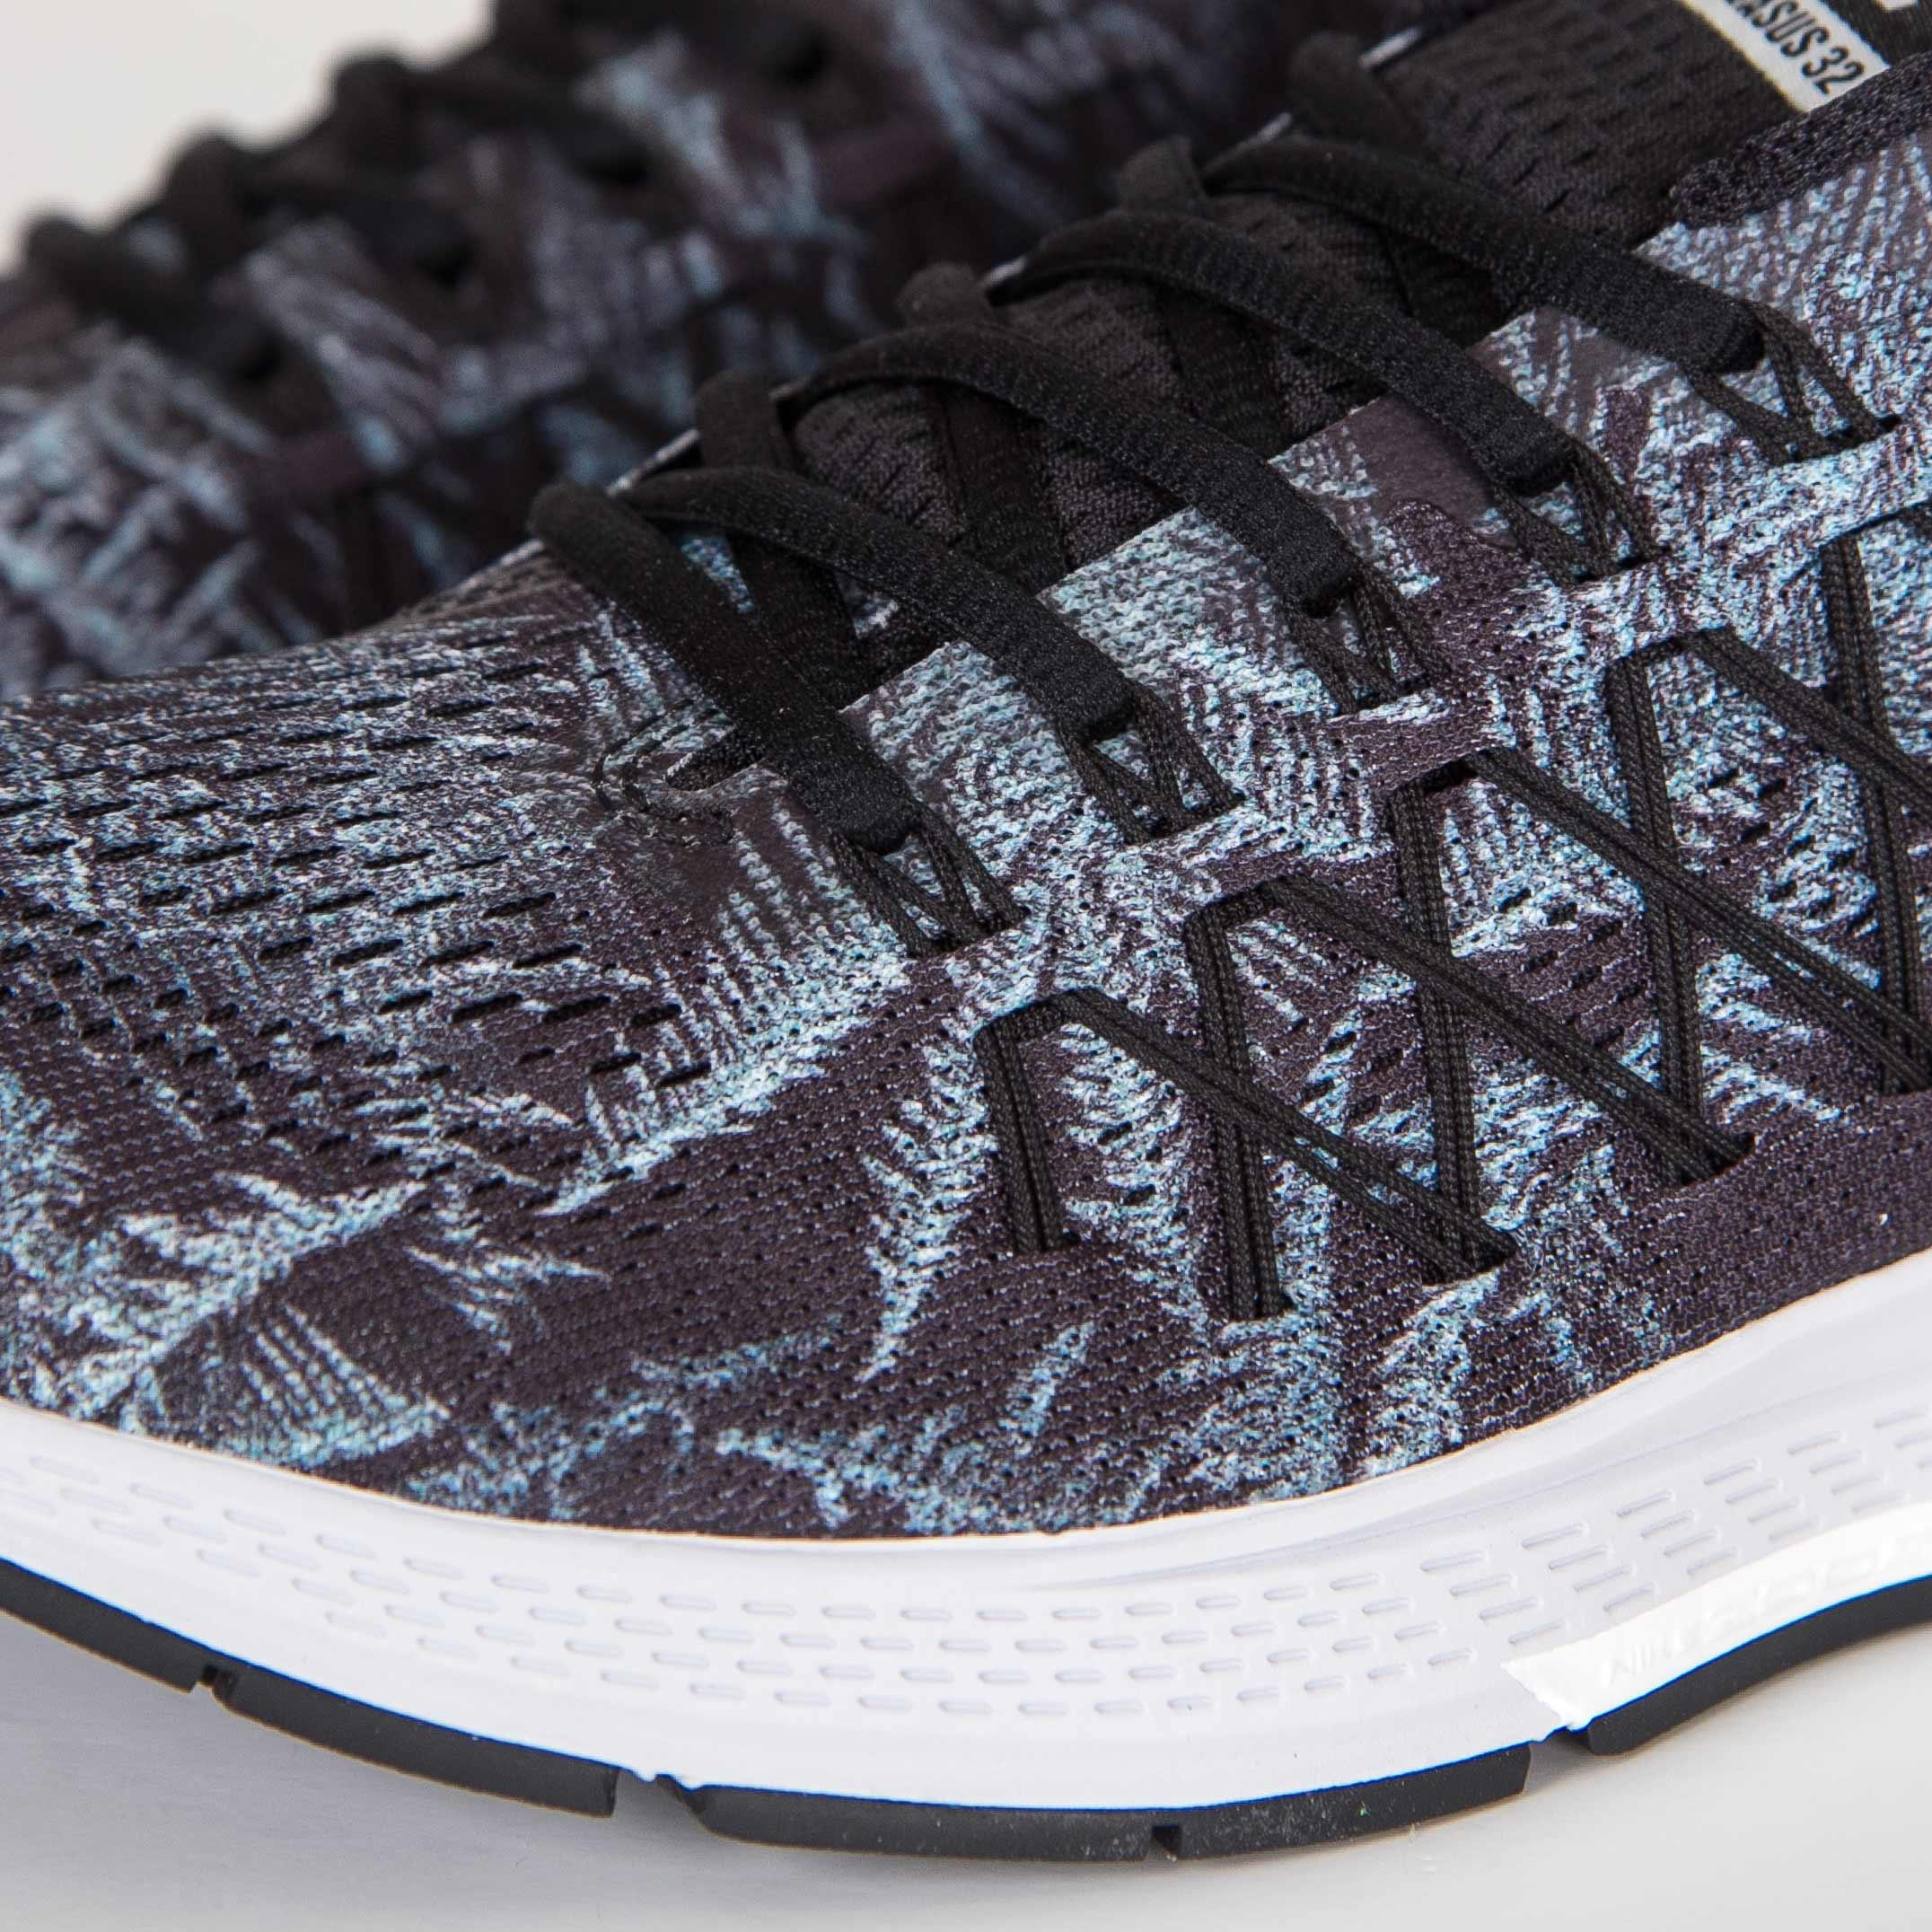 online retailer 9a6cd 70baf Nike Air Zoom Pegasus 32 Solstice - 805938-001 - Sneakersnstuff   sneakers    streetwear online since 1999